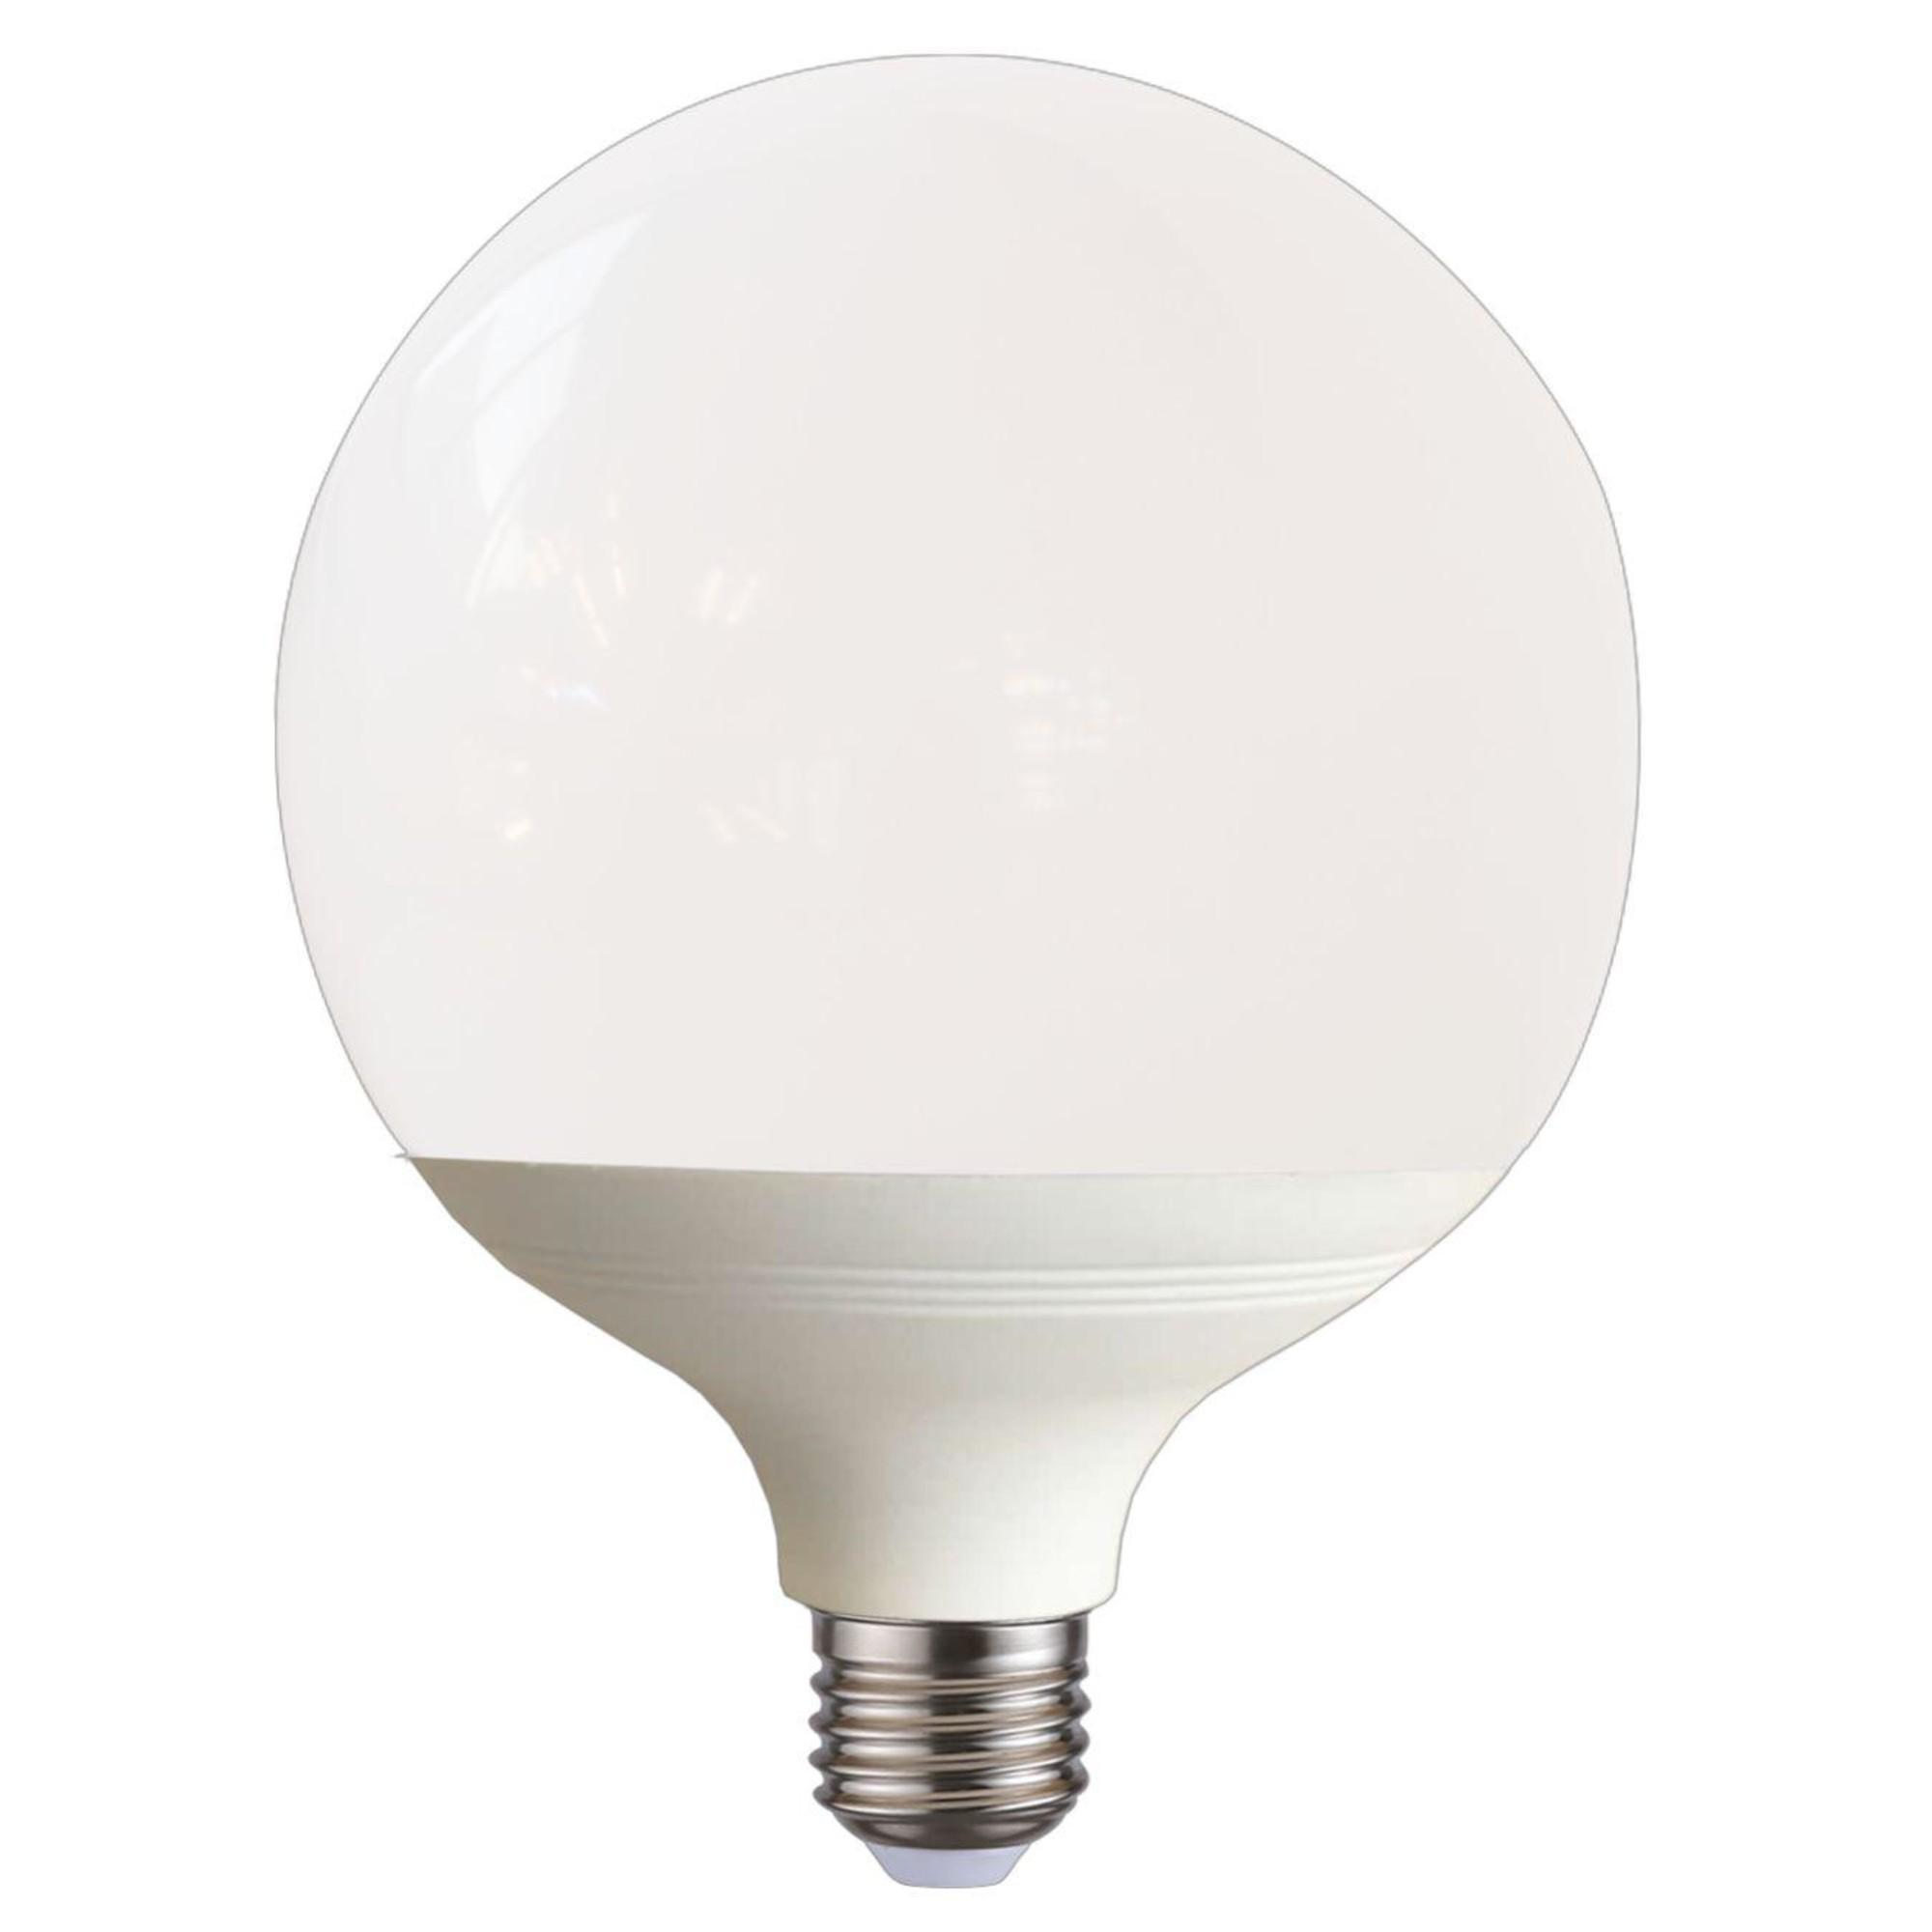 Лампа Ecola Premium светодионая E27 15.50 Вт шар 1240 Лм нейтральный свет